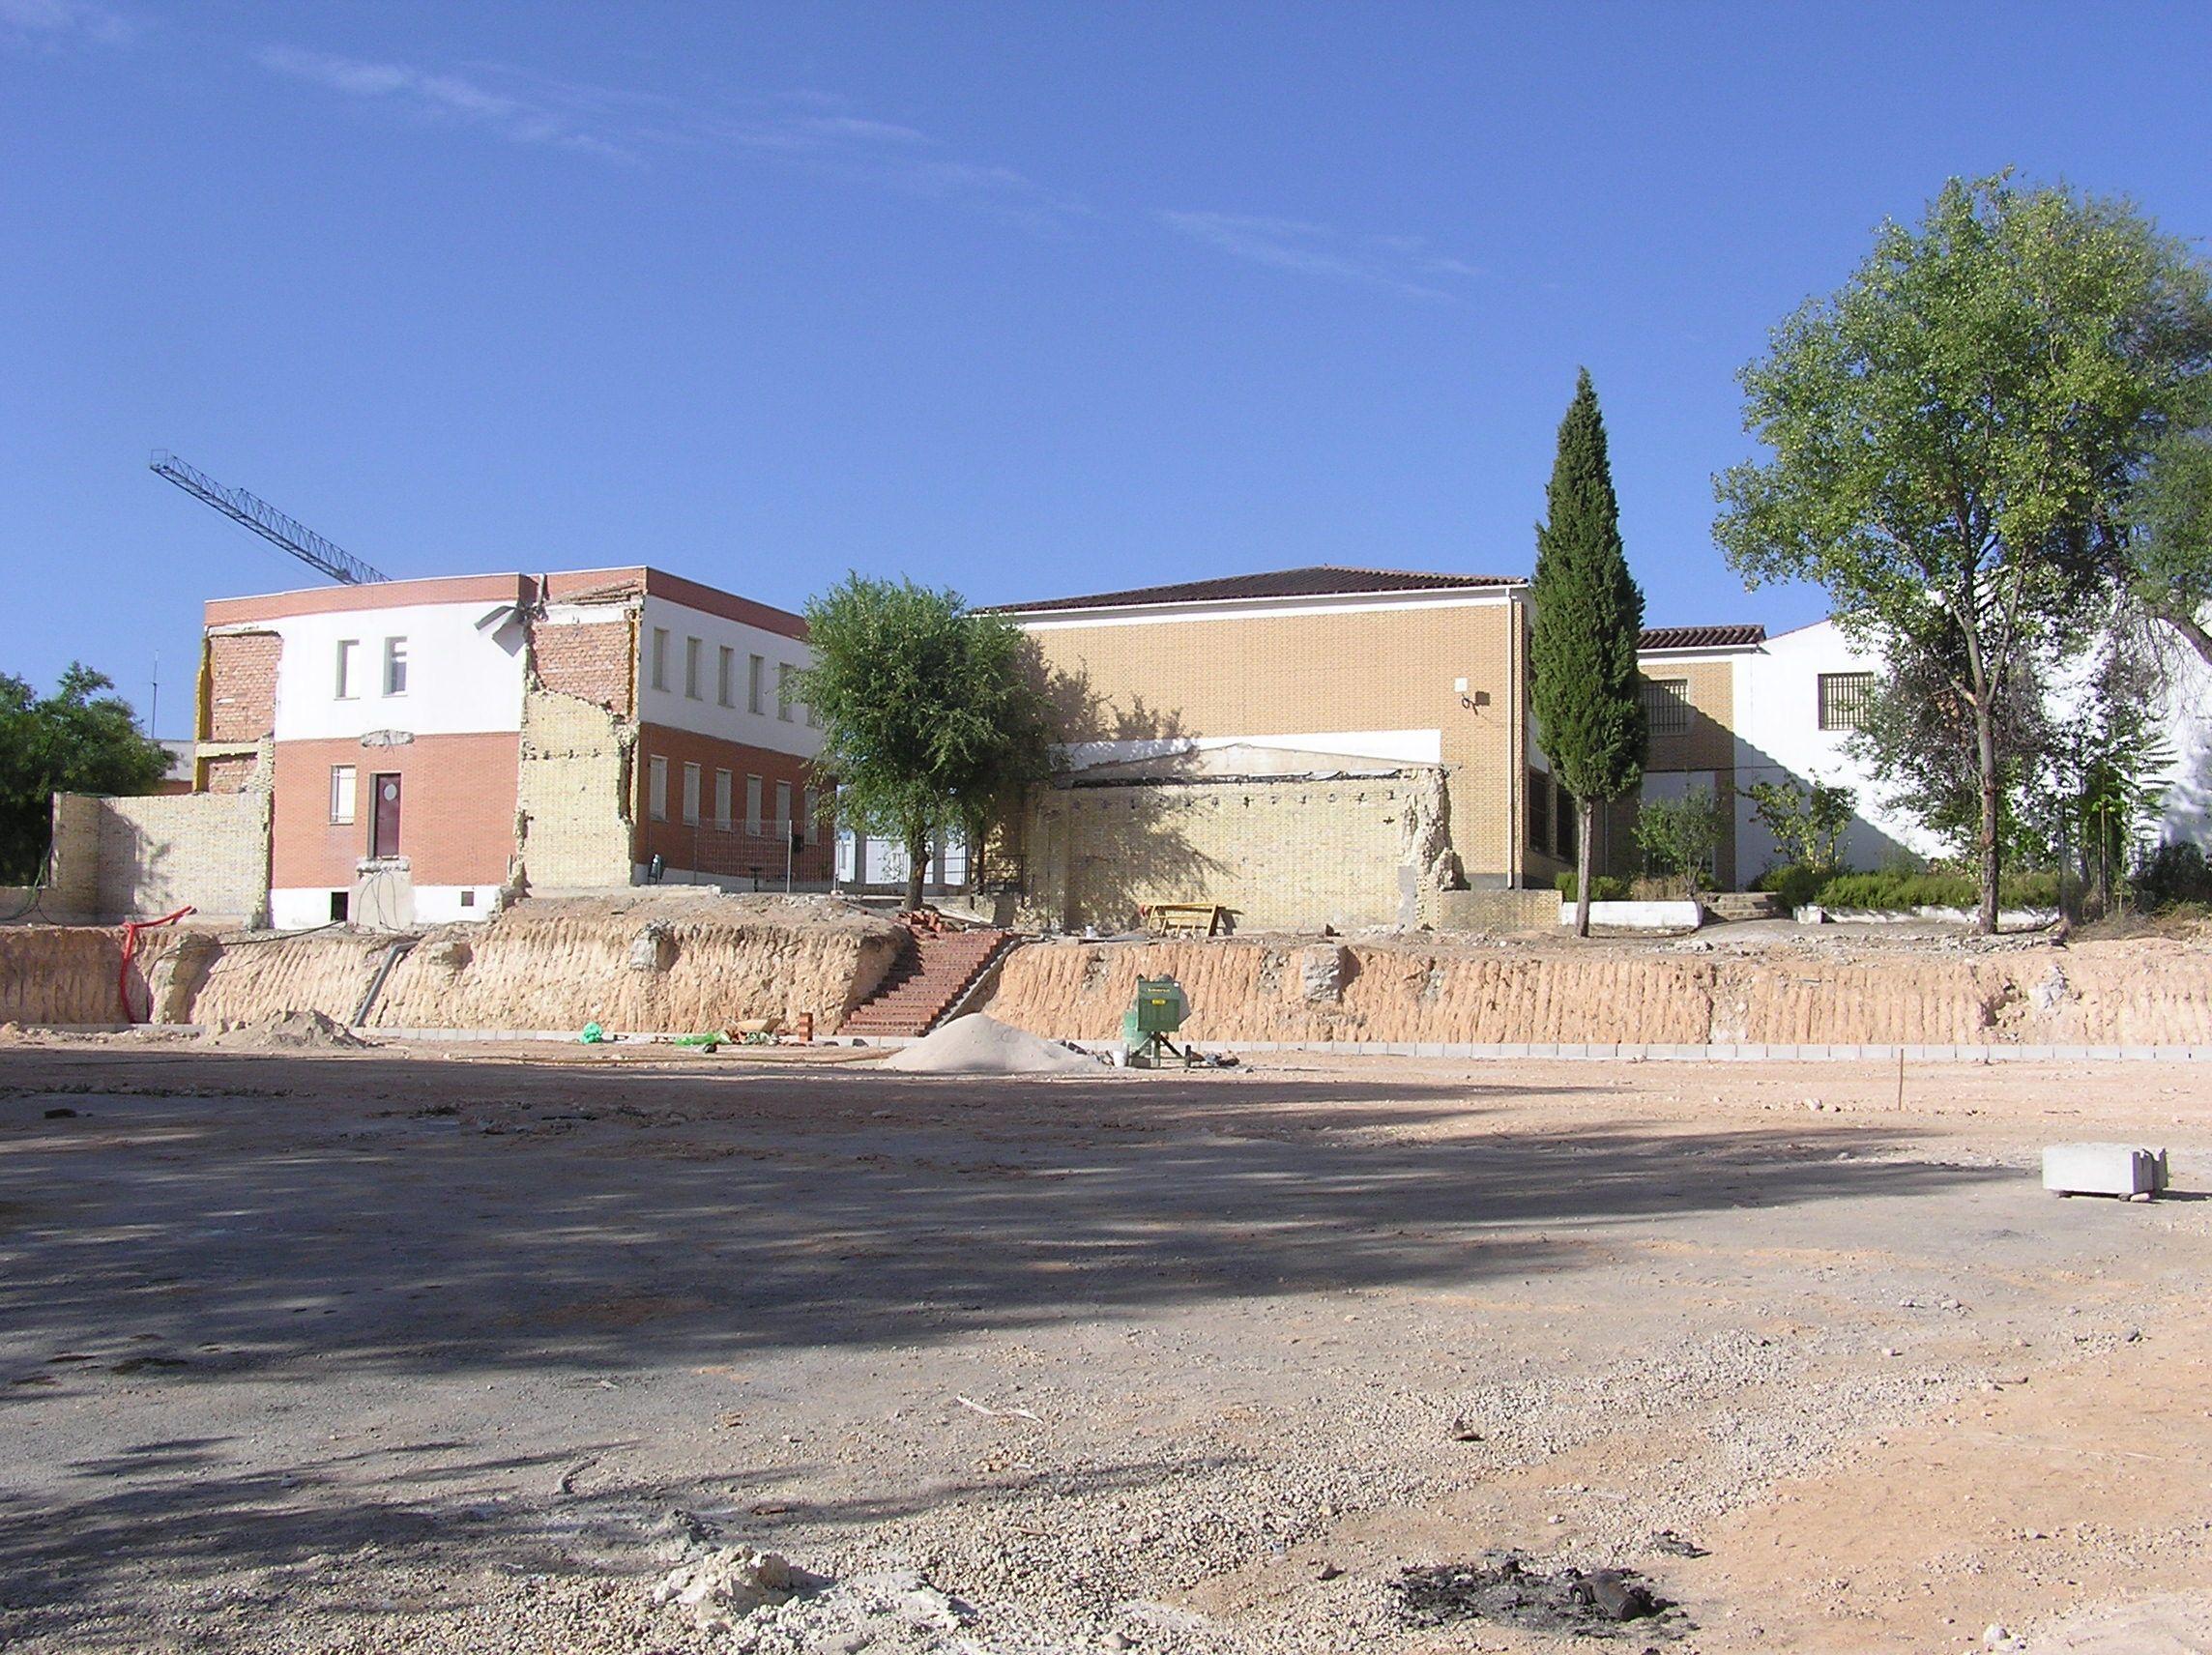 este es el aspecto que presentaba el instituto después de echar abajo parte de su estructura